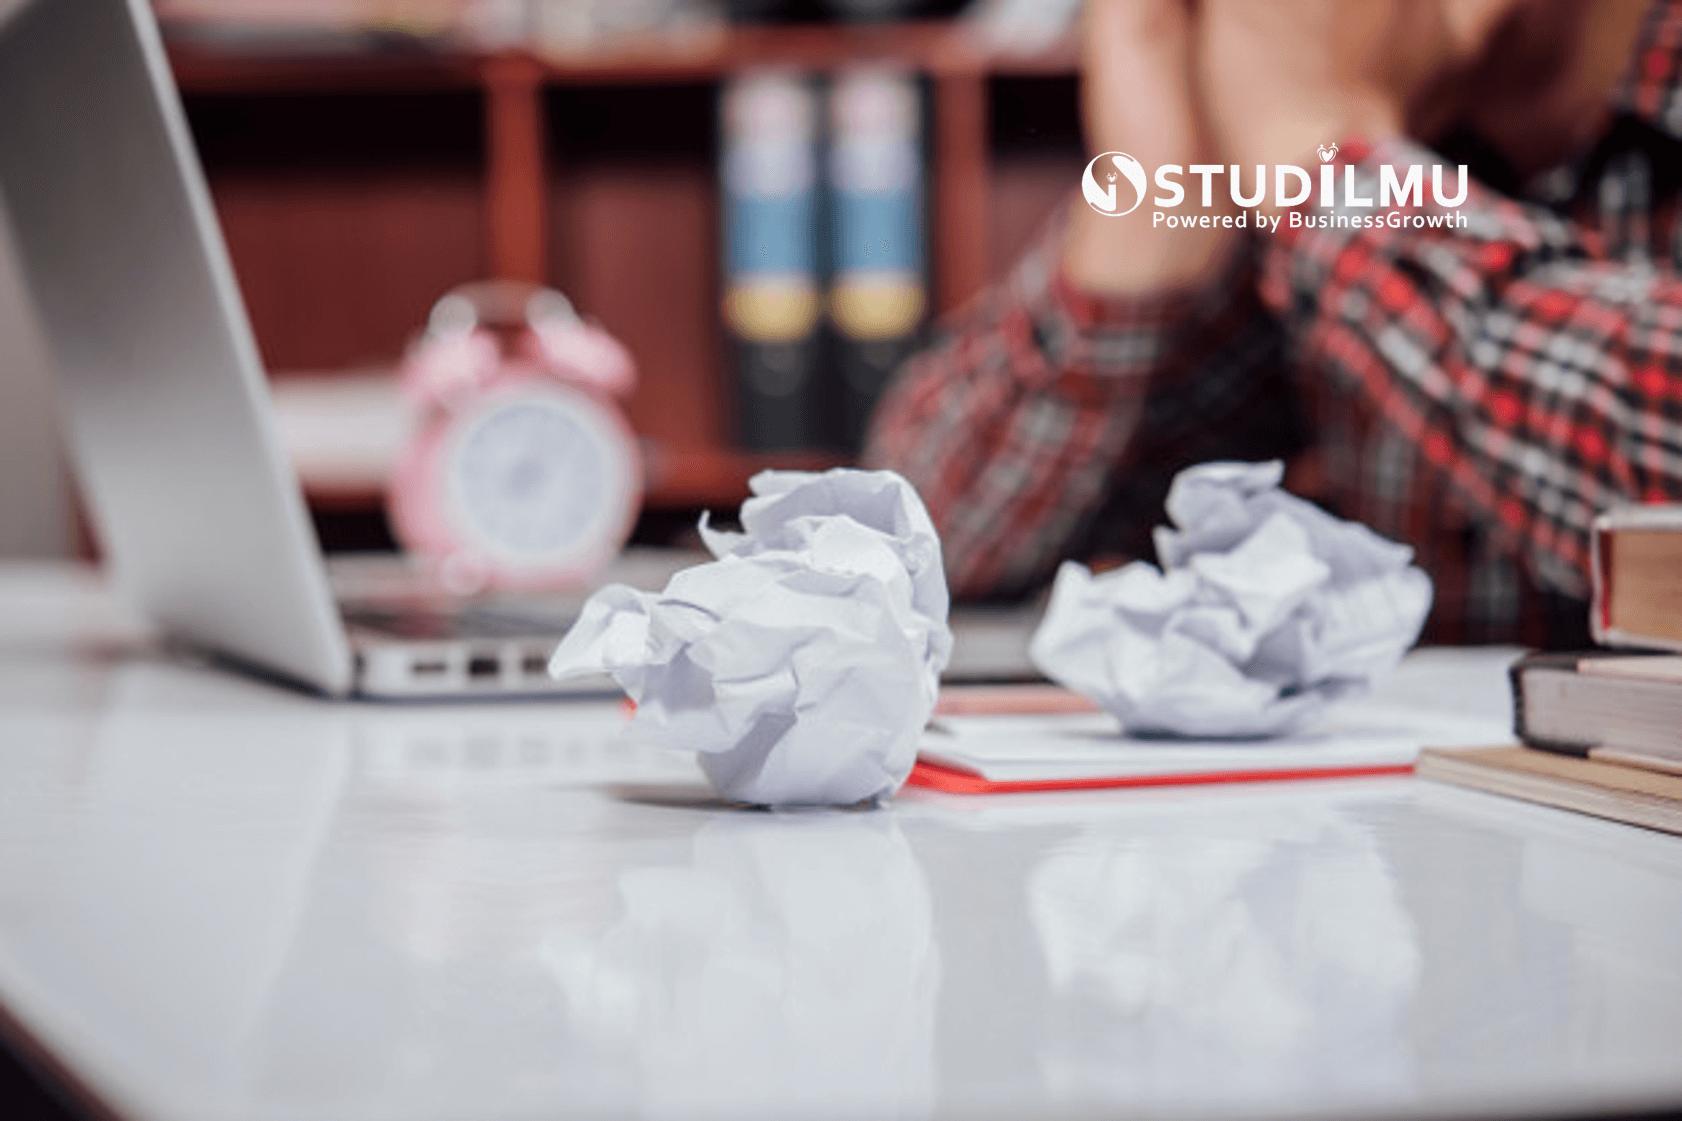 STUDILMU Career Advice - Asumsi adalah Penyebab Kegagalan Wirausaha